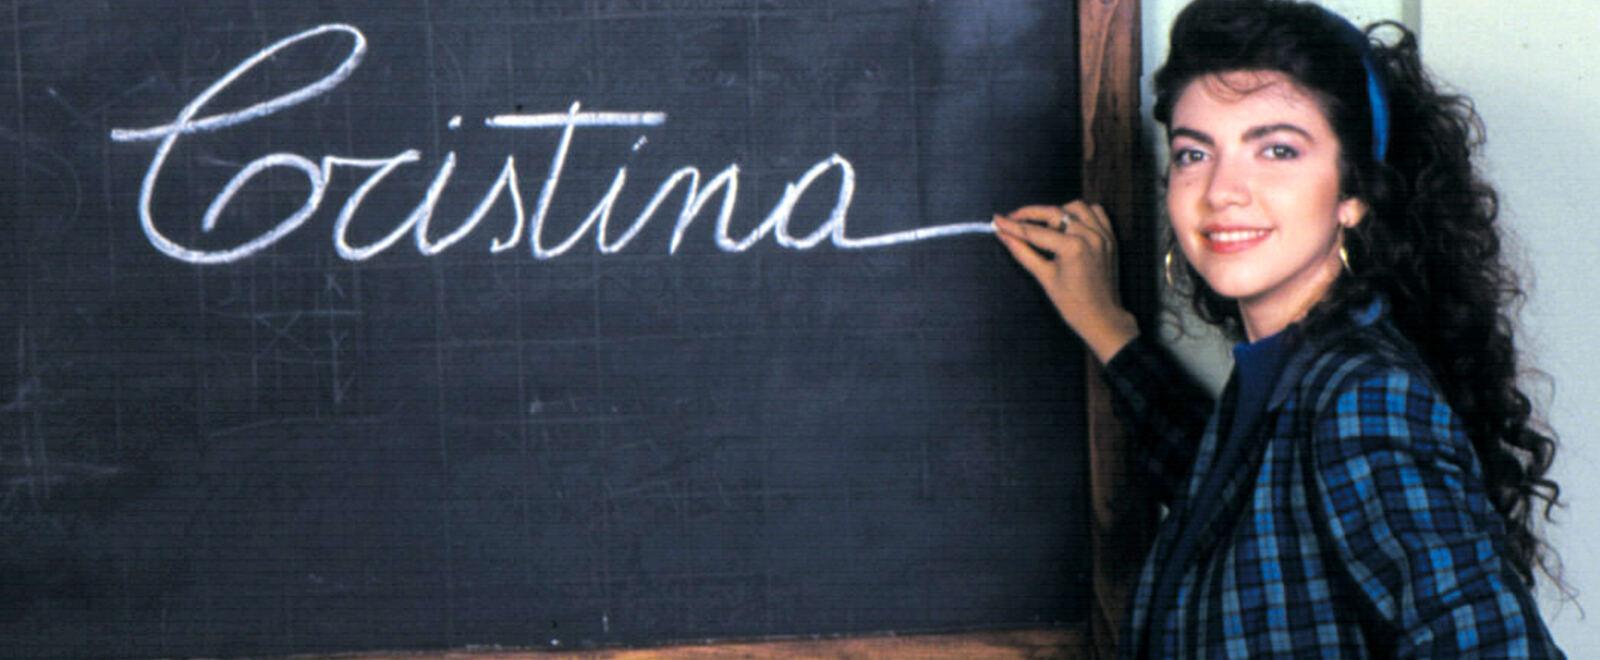 Cristina, l'Europa siamo noi